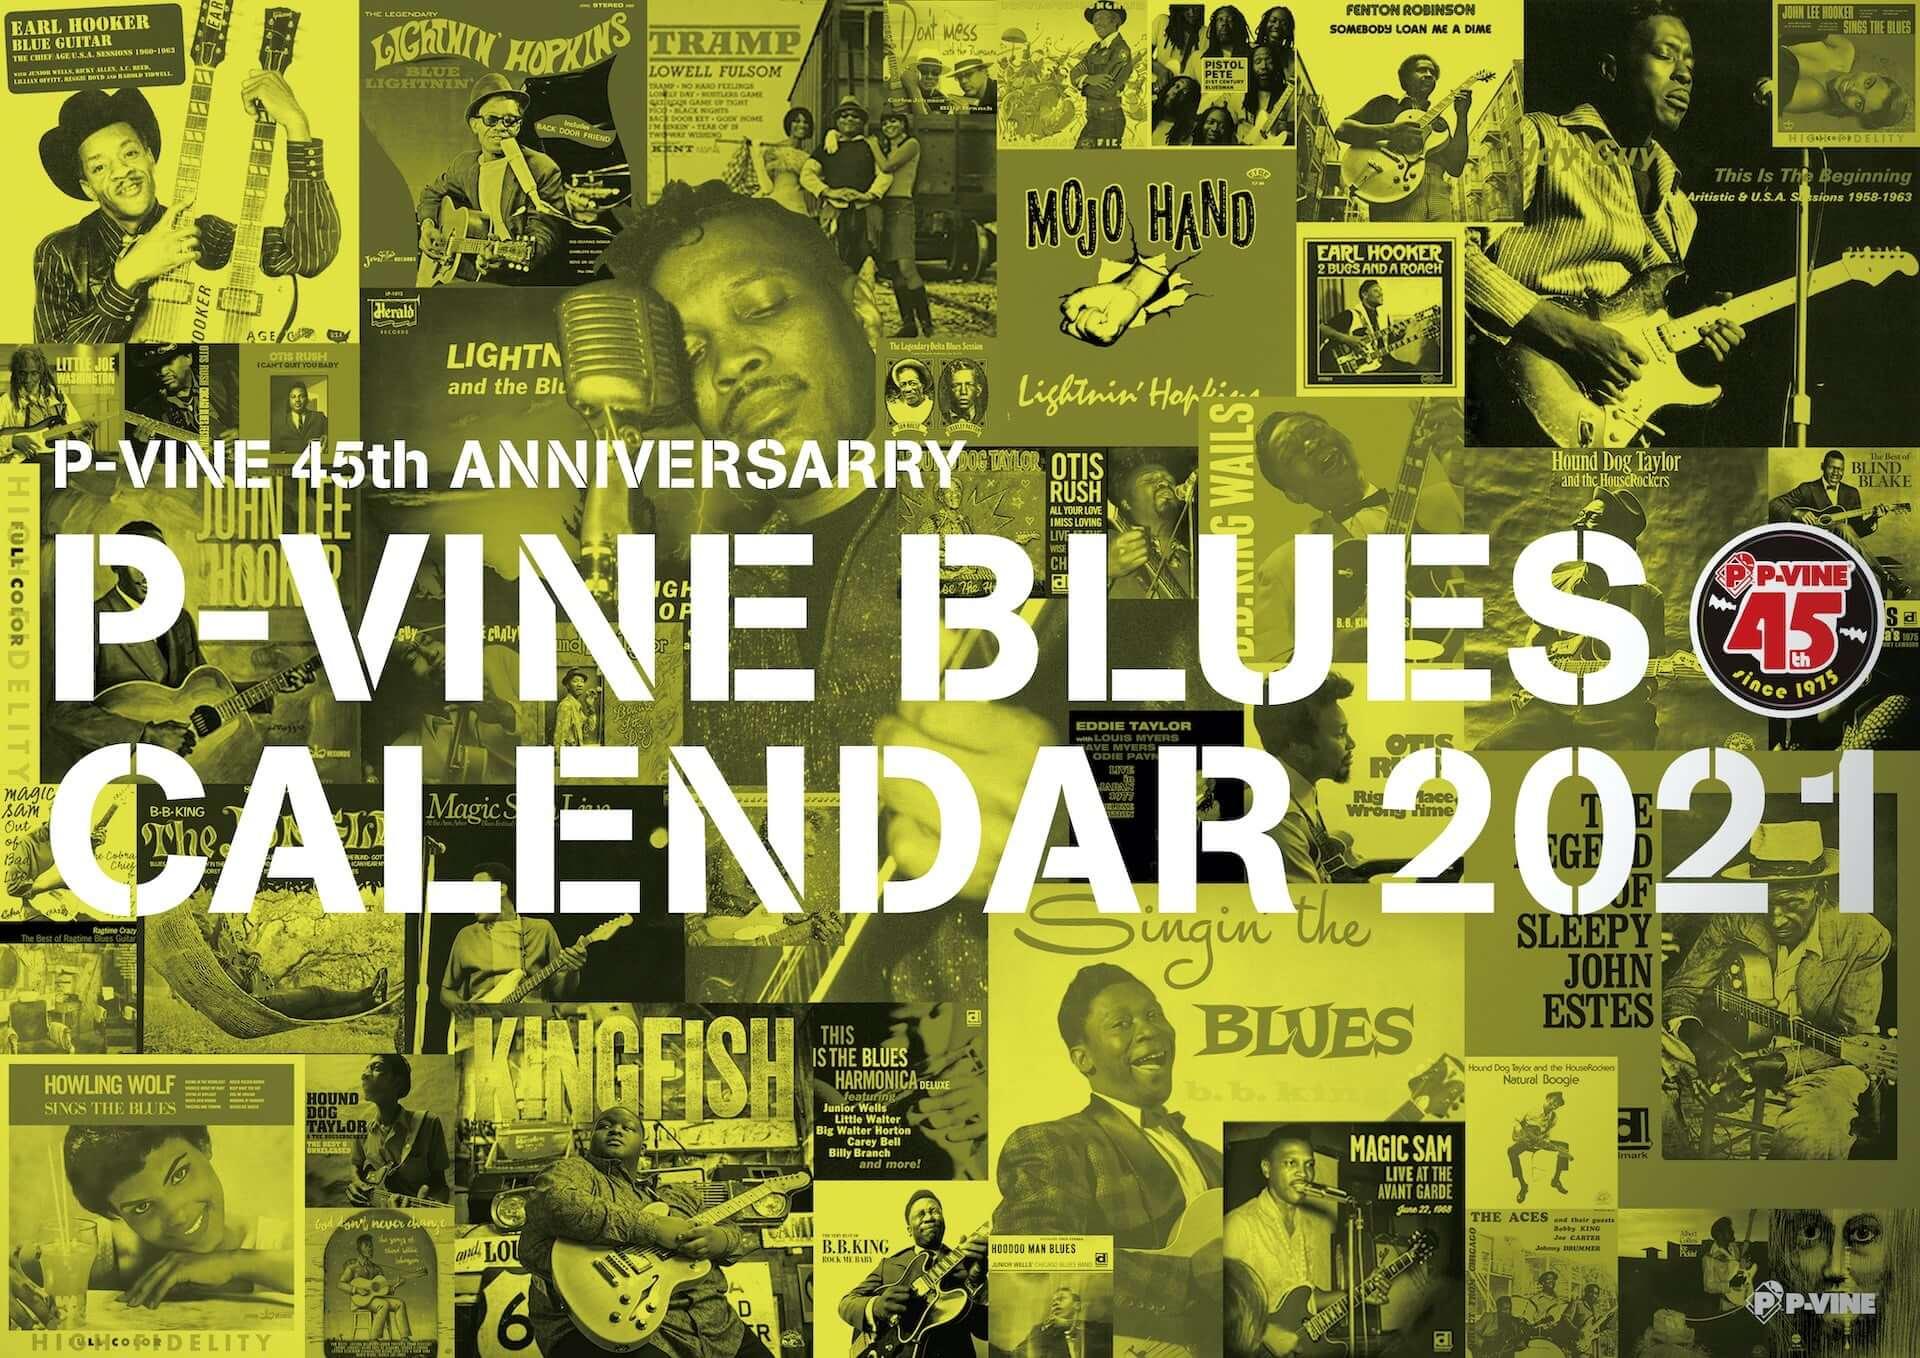 P-VINE設立45周年記念に特設HPがオープン!LIBRO、J.LAMOTTA すずめ、BURTON INC.の45回転レコードも発売決定 music201027_pvine_1-1920x1358